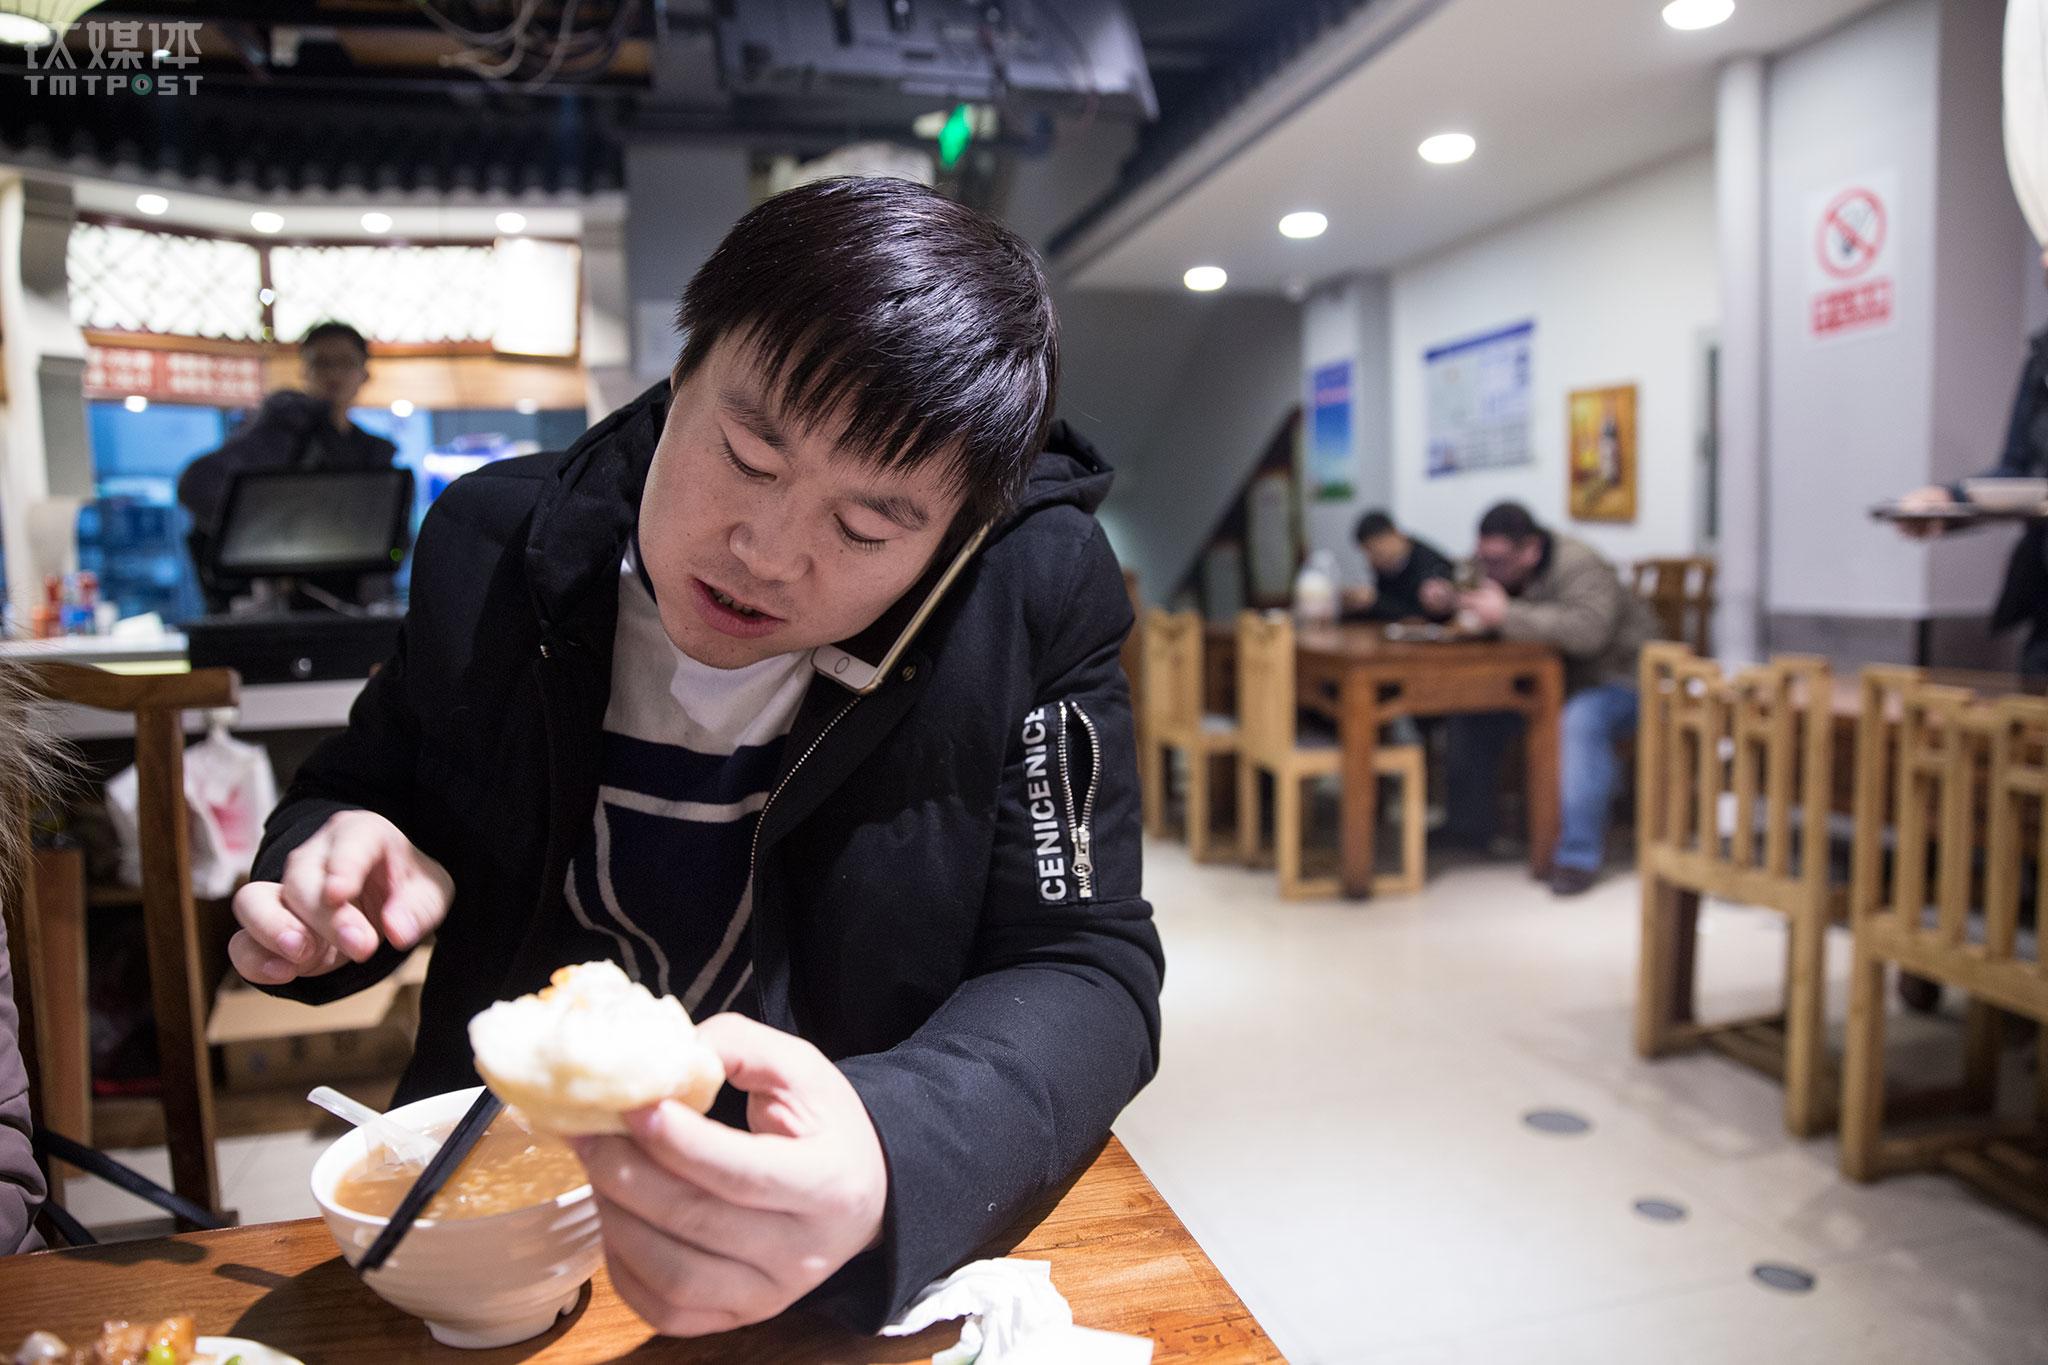 """2017年12月20日,晚饭刚开始,他就接到公司总部的电话,他在电话里谈了自己来年对北京市场的想法,这通电话打了20多分钟。""""2017年感觉时间越来越紧迫了,年龄大了,做事也考虑得更多。"""" 闫军祥说自己这一年过得很充实,""""我挺喜欢自己从事的行业,希望可以挖掘更多有价值的资源,希望公司做大""""。"""